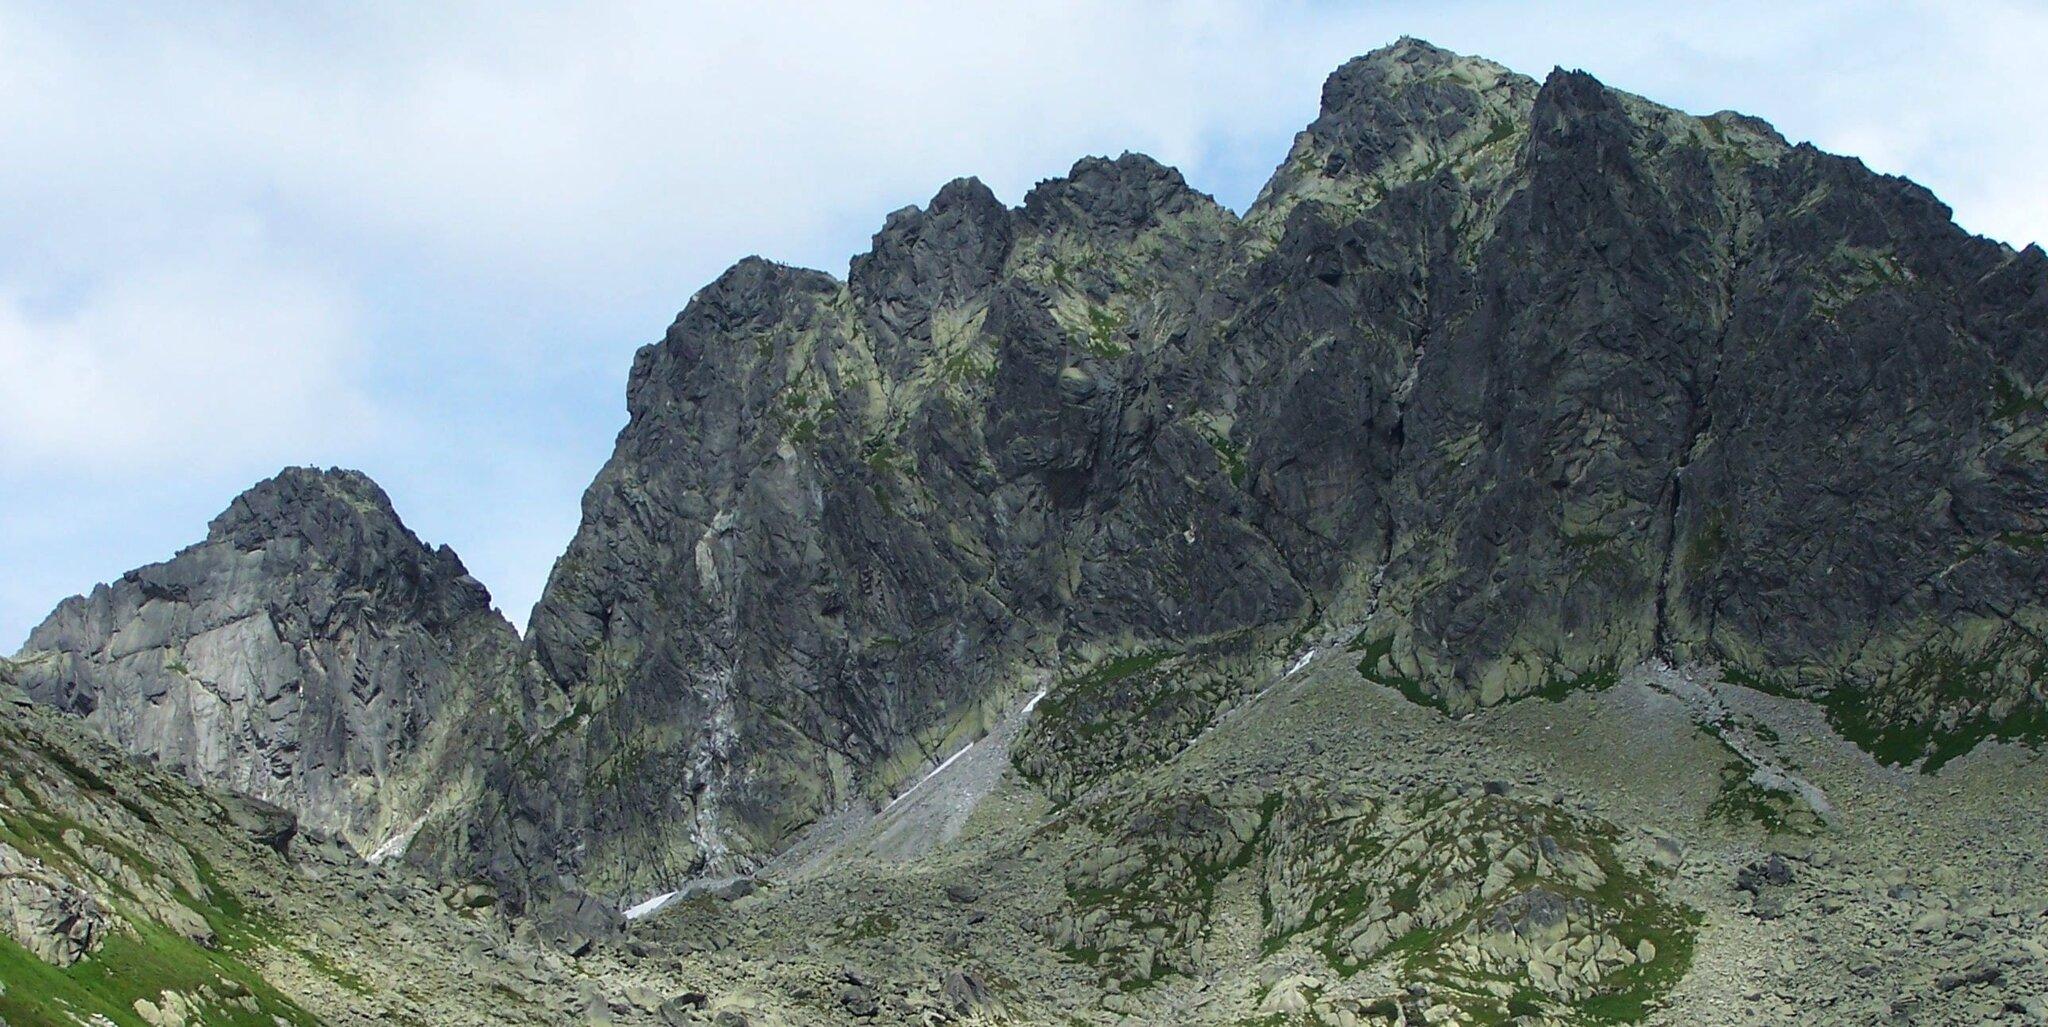 Kozi Wierch wTatrach, pierwszy szczyt od lewej to Zamarła Turnia Kozi Wierch wTatrach, pierwszy szczyt od lewej to Zamarła Turnia Źródło: Jerzy Opioła, licencja: CC BY-SA 3.0.